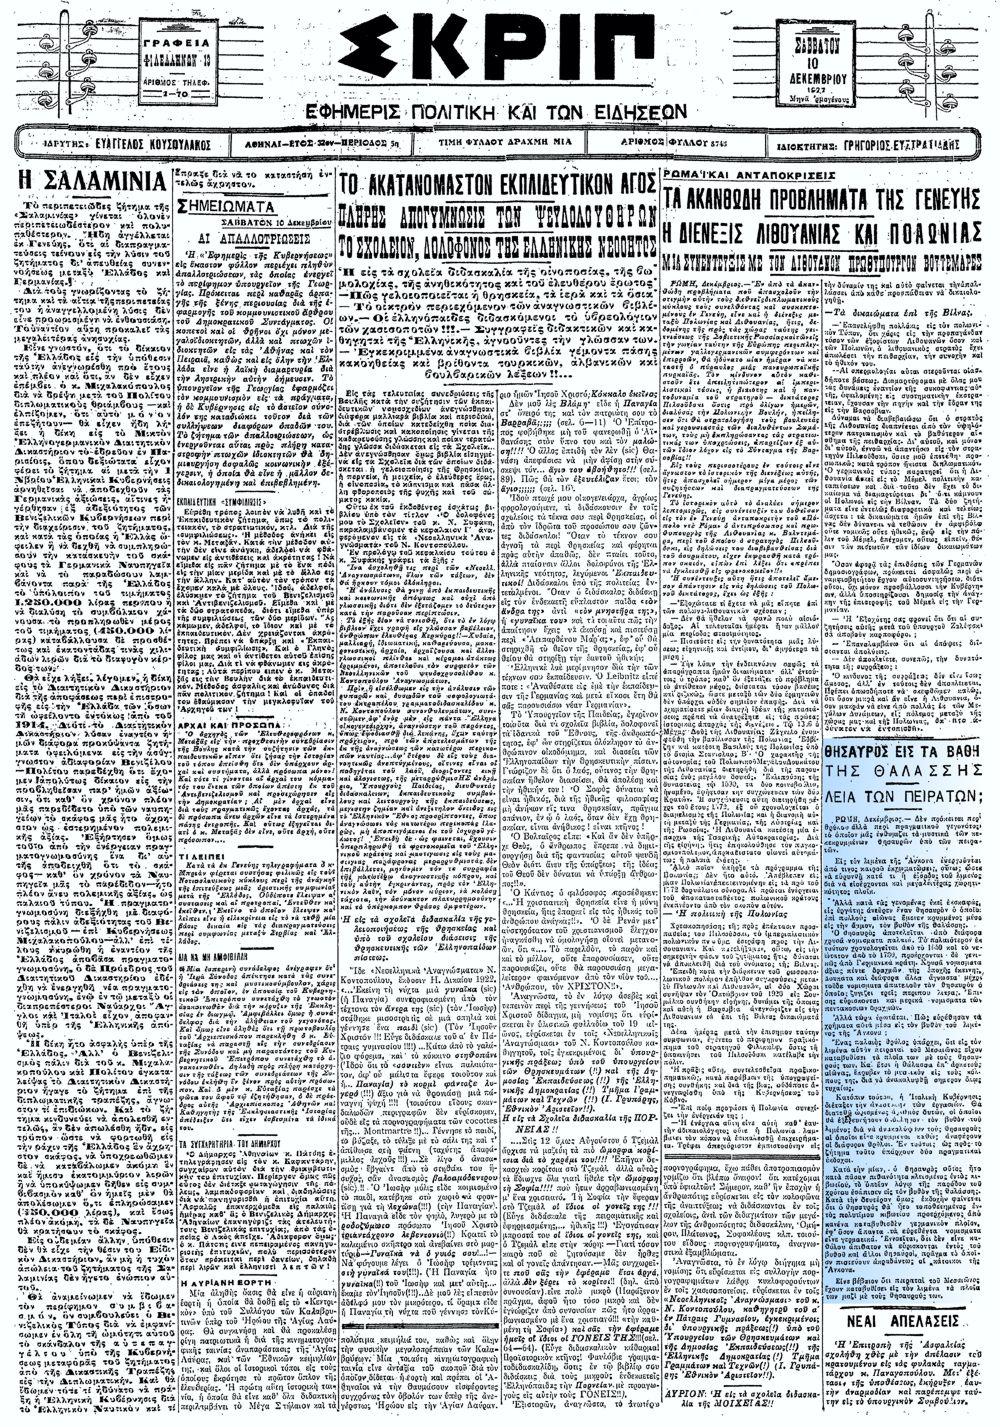 """Το άρθρο, όπως δημοσιεύθηκε στην εφημερίδα """"ΣΚΡΙΠ"""", στις 10/12/1927"""